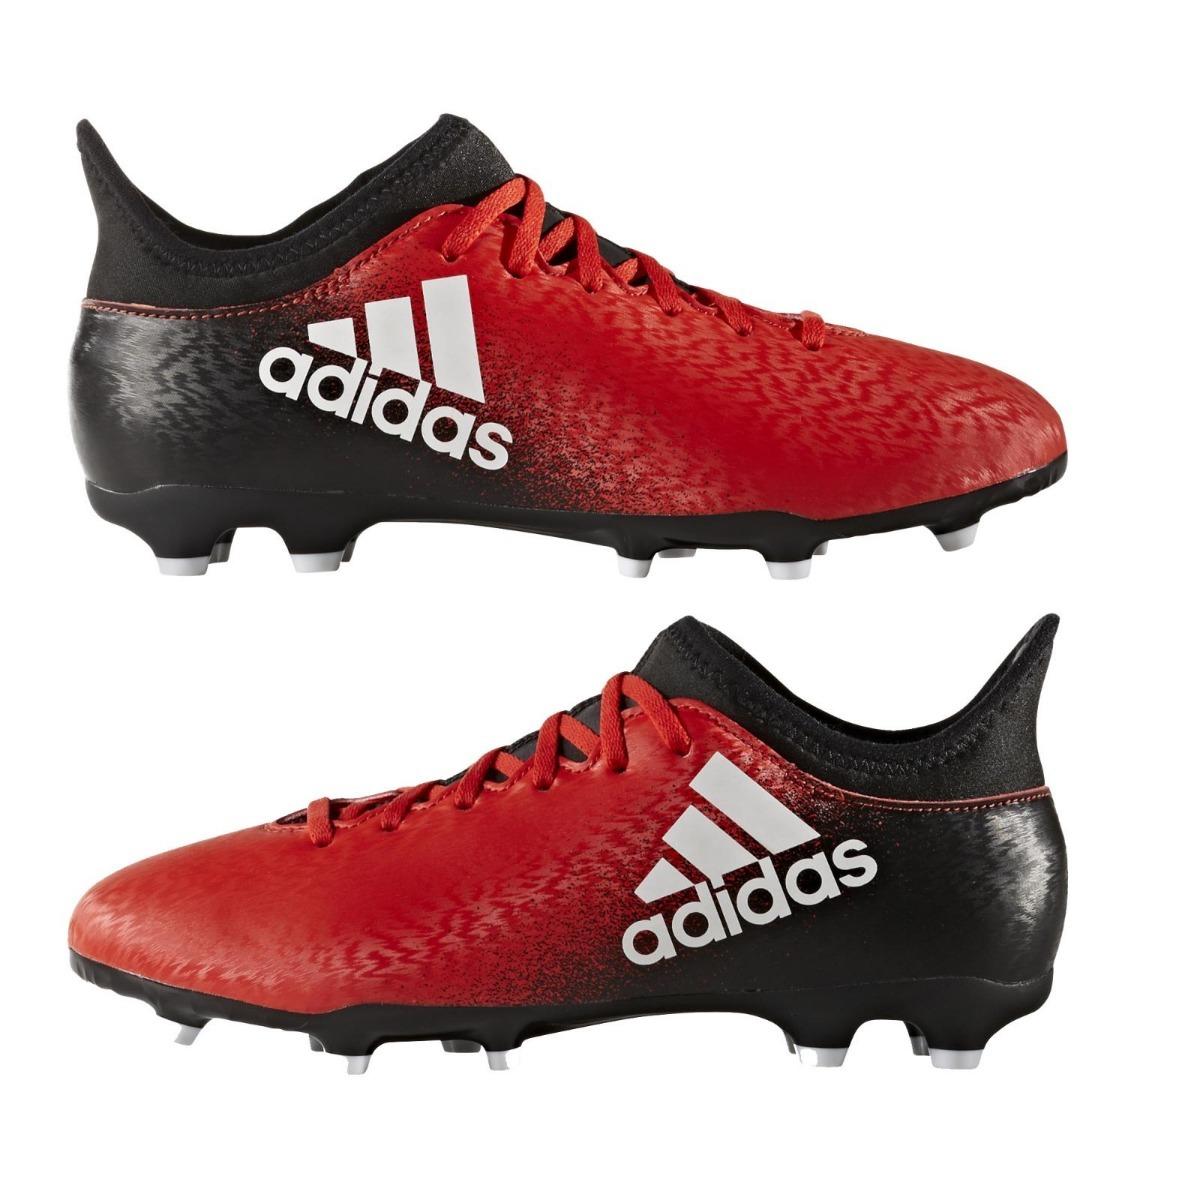 Junior 16 Adidas X 899 Bota Futbol Zapatera 3 00 Zapato Fg En qwx0OIW 1090392c3094a